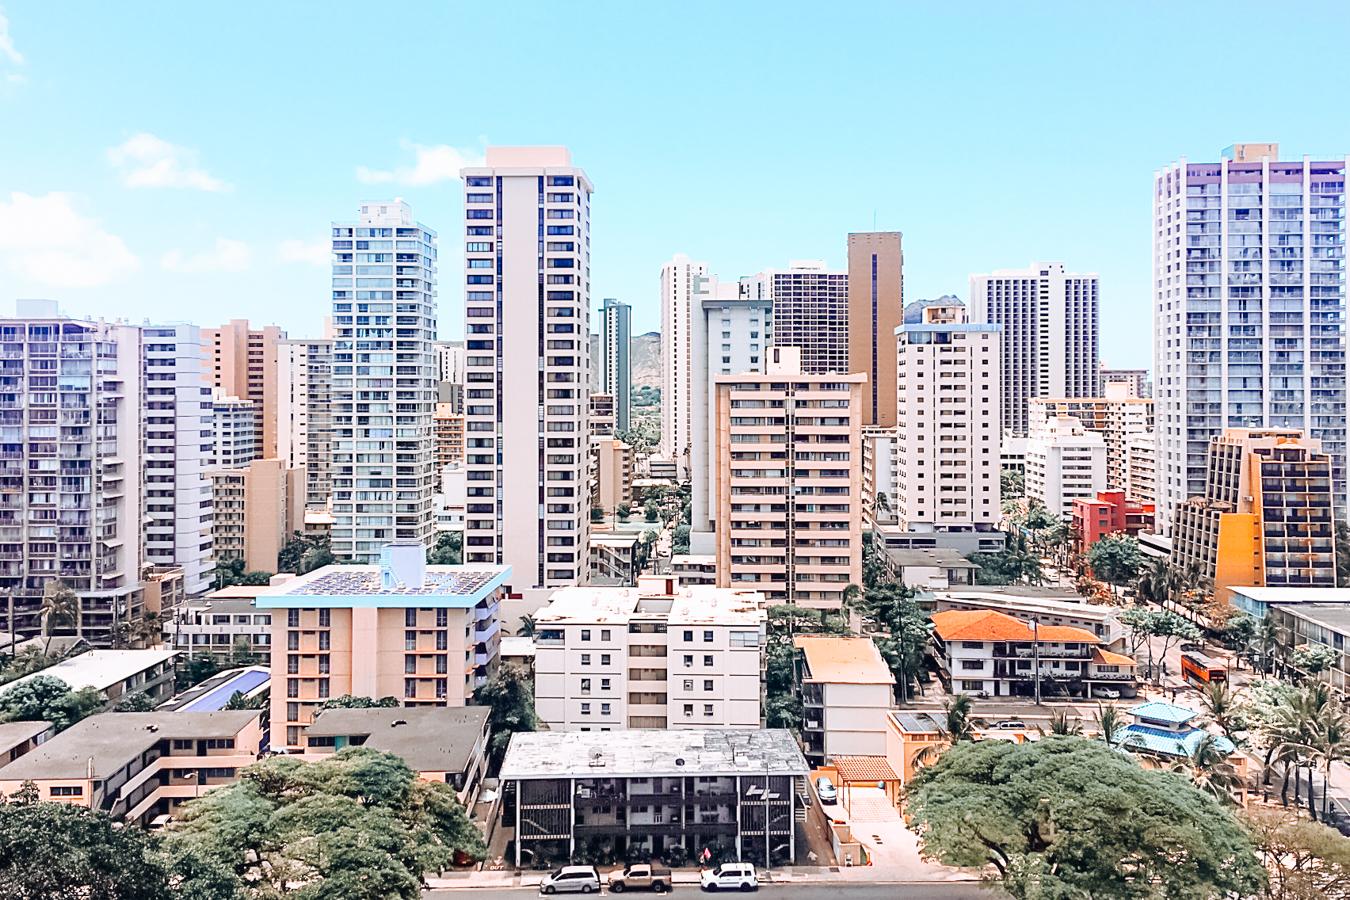 Buildings in Honolulu